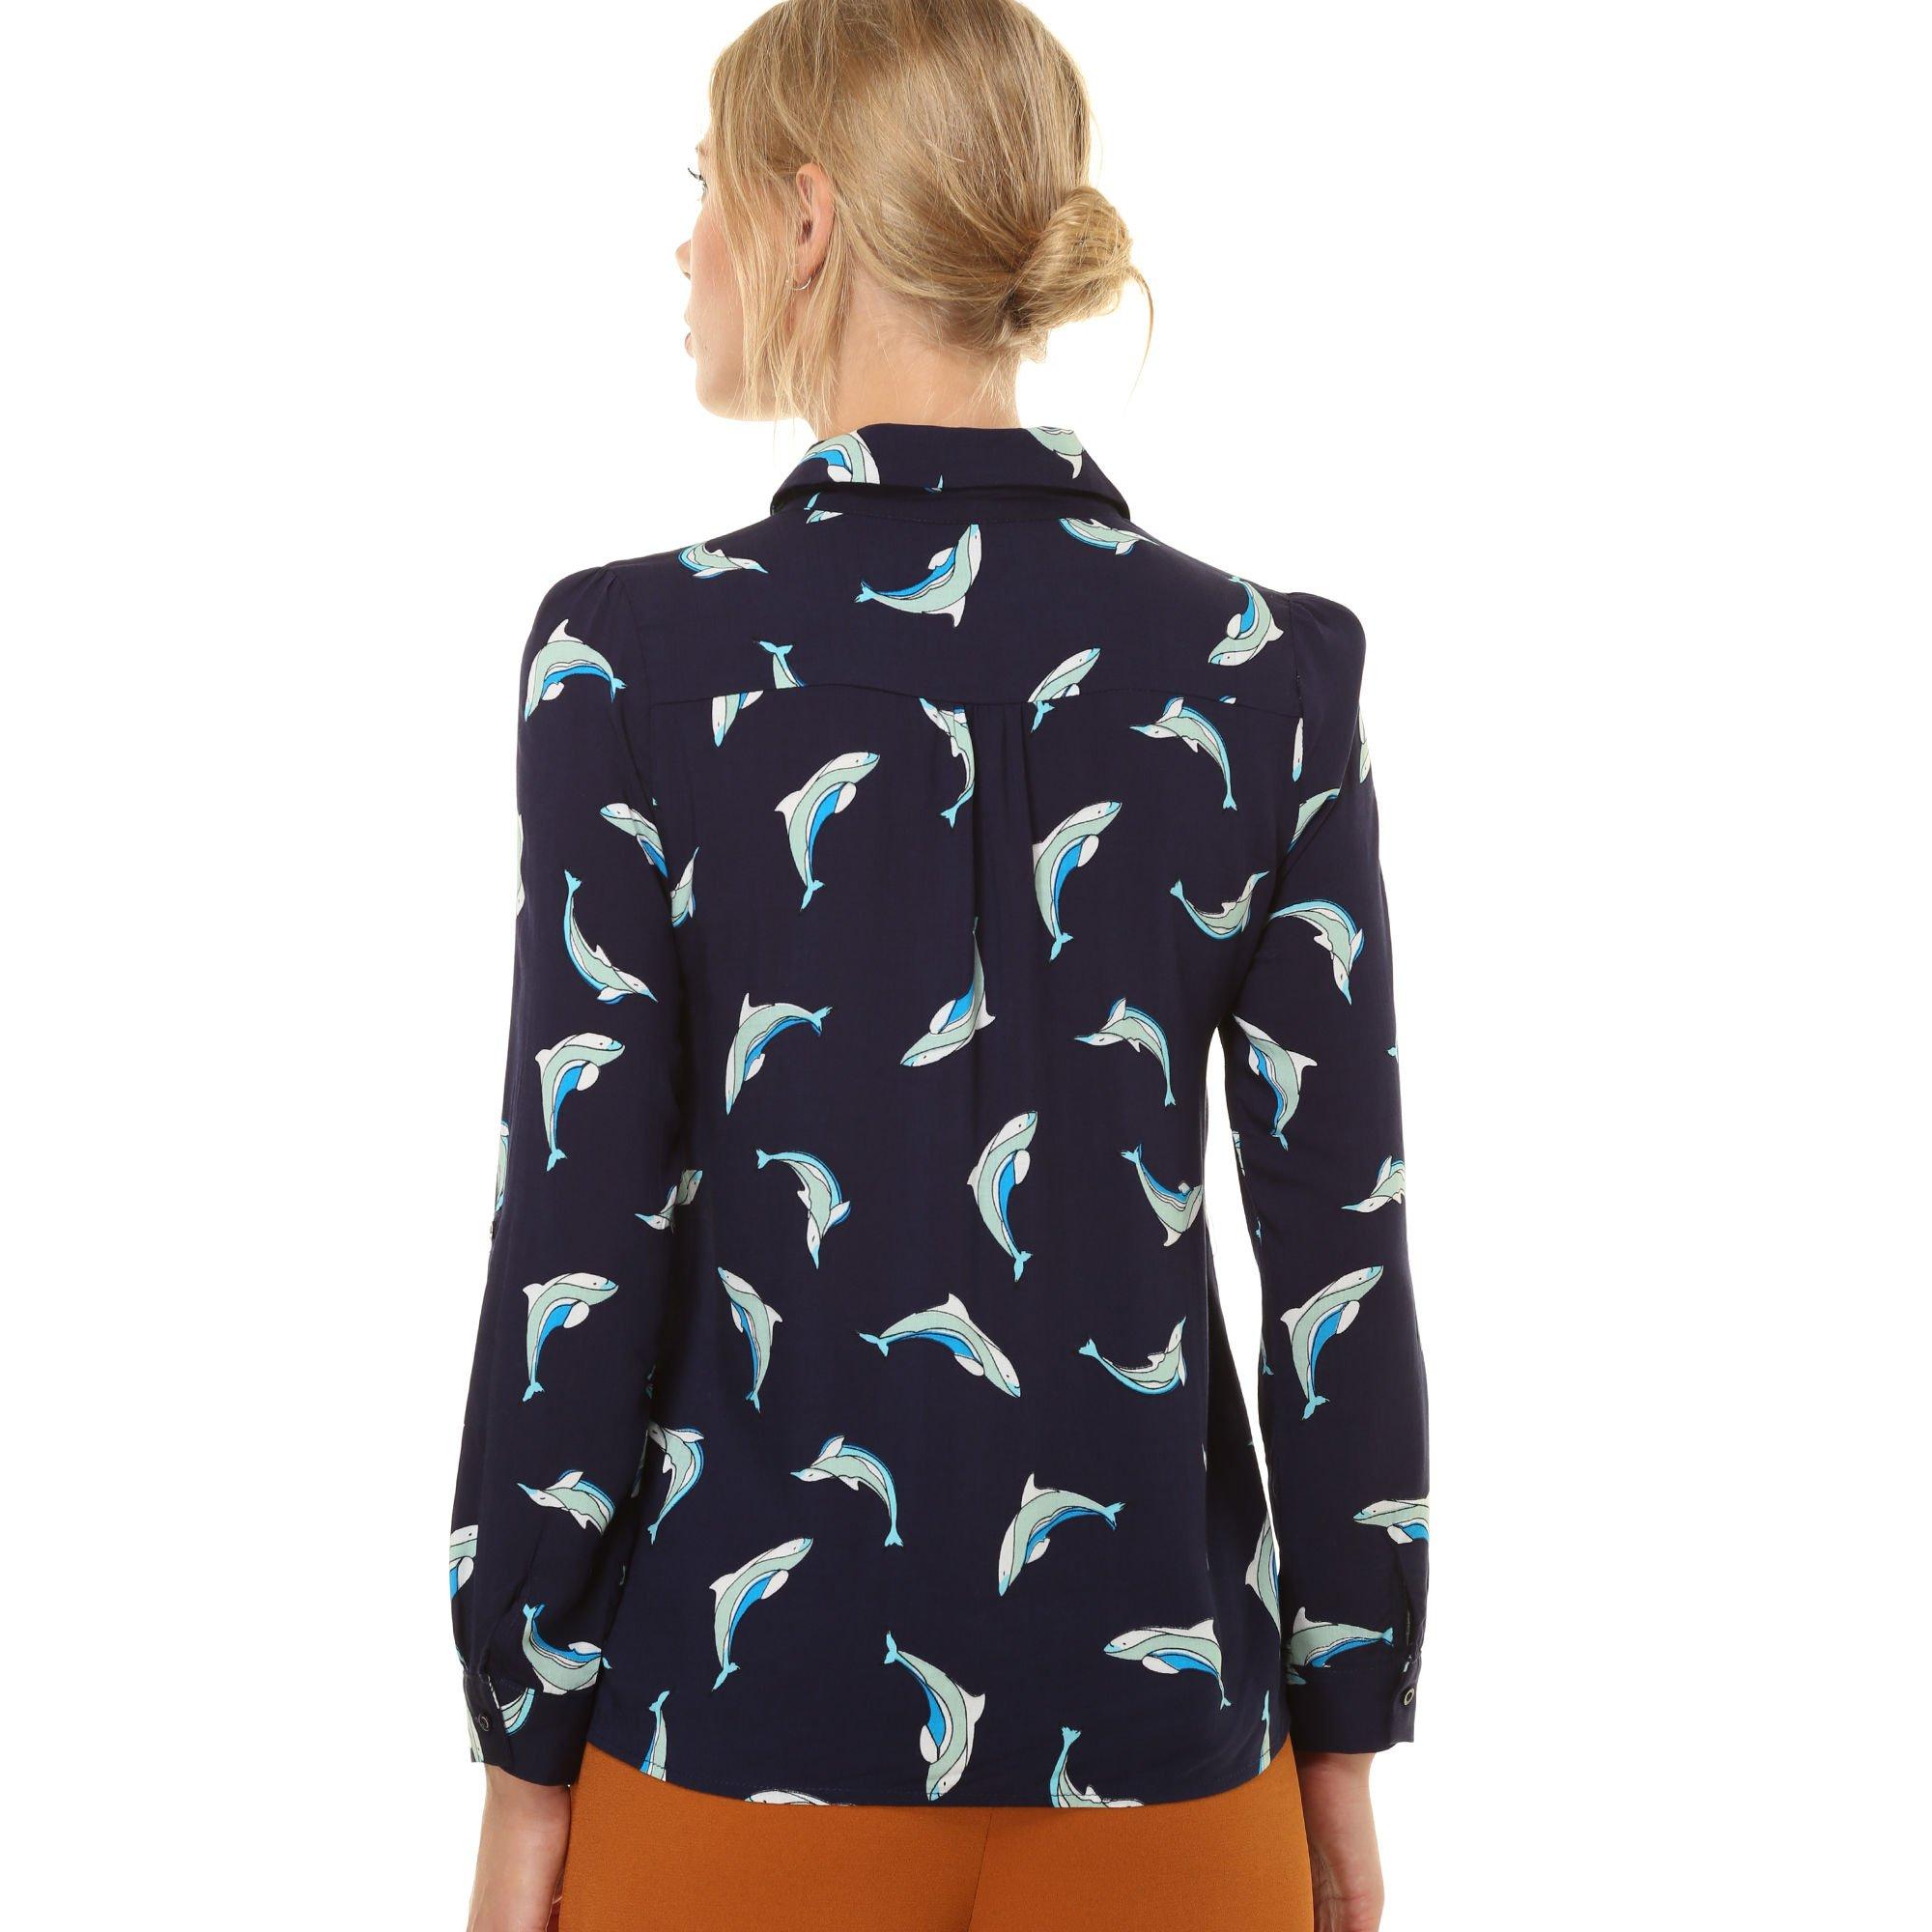 Blusa estampada delfines - Tutto Tempo